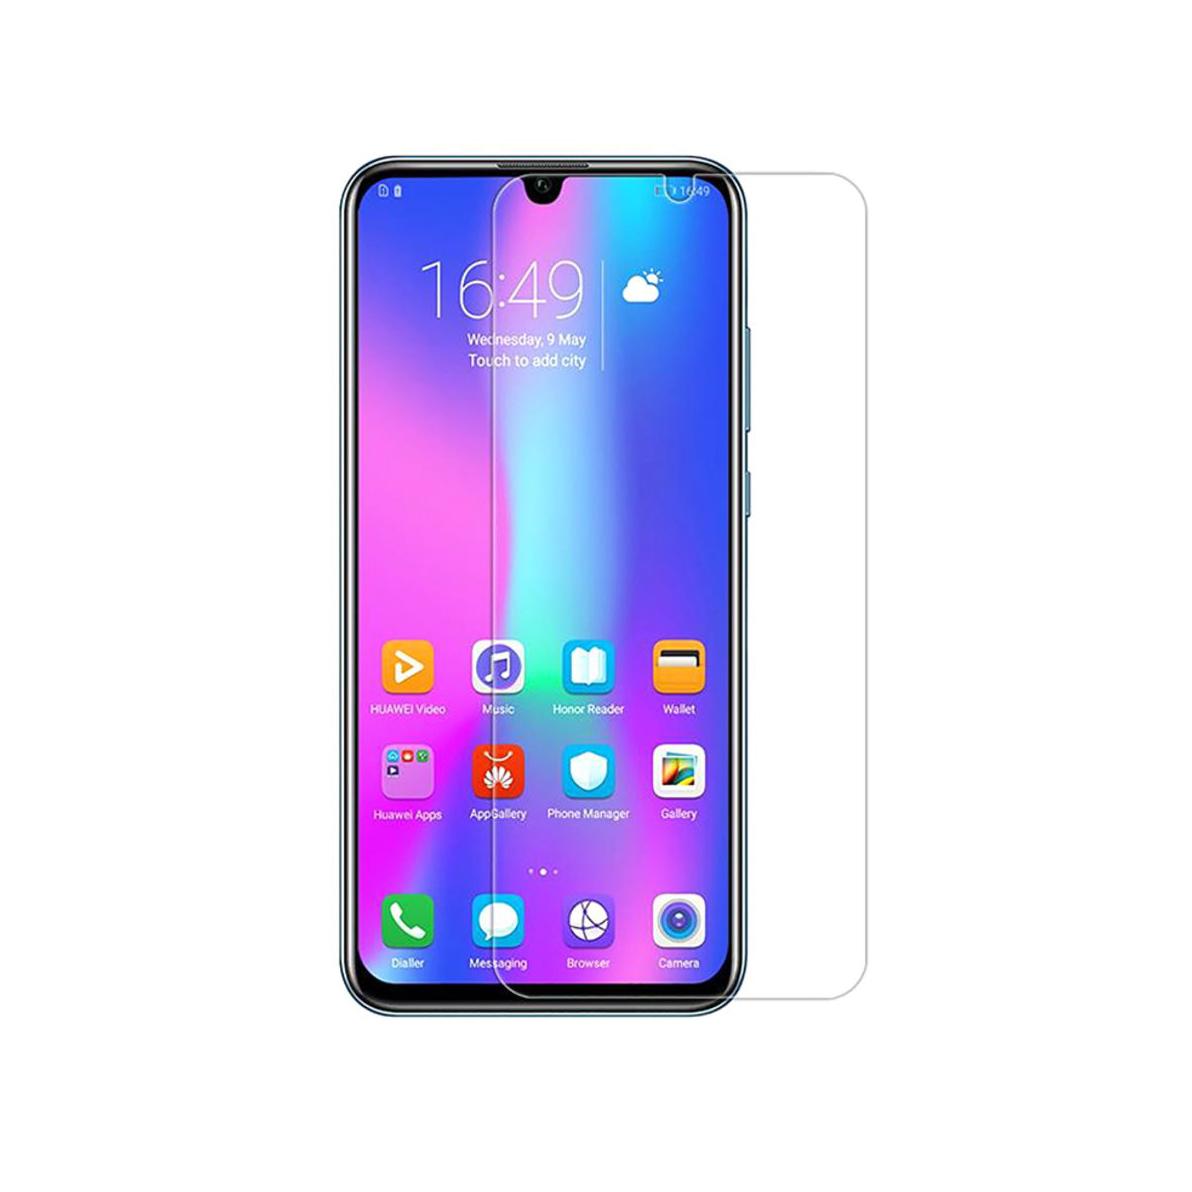 محافظ صحفه نمایش مدل FGEF مناسب برای گوشی موبایل هوآوی Psmart 2019